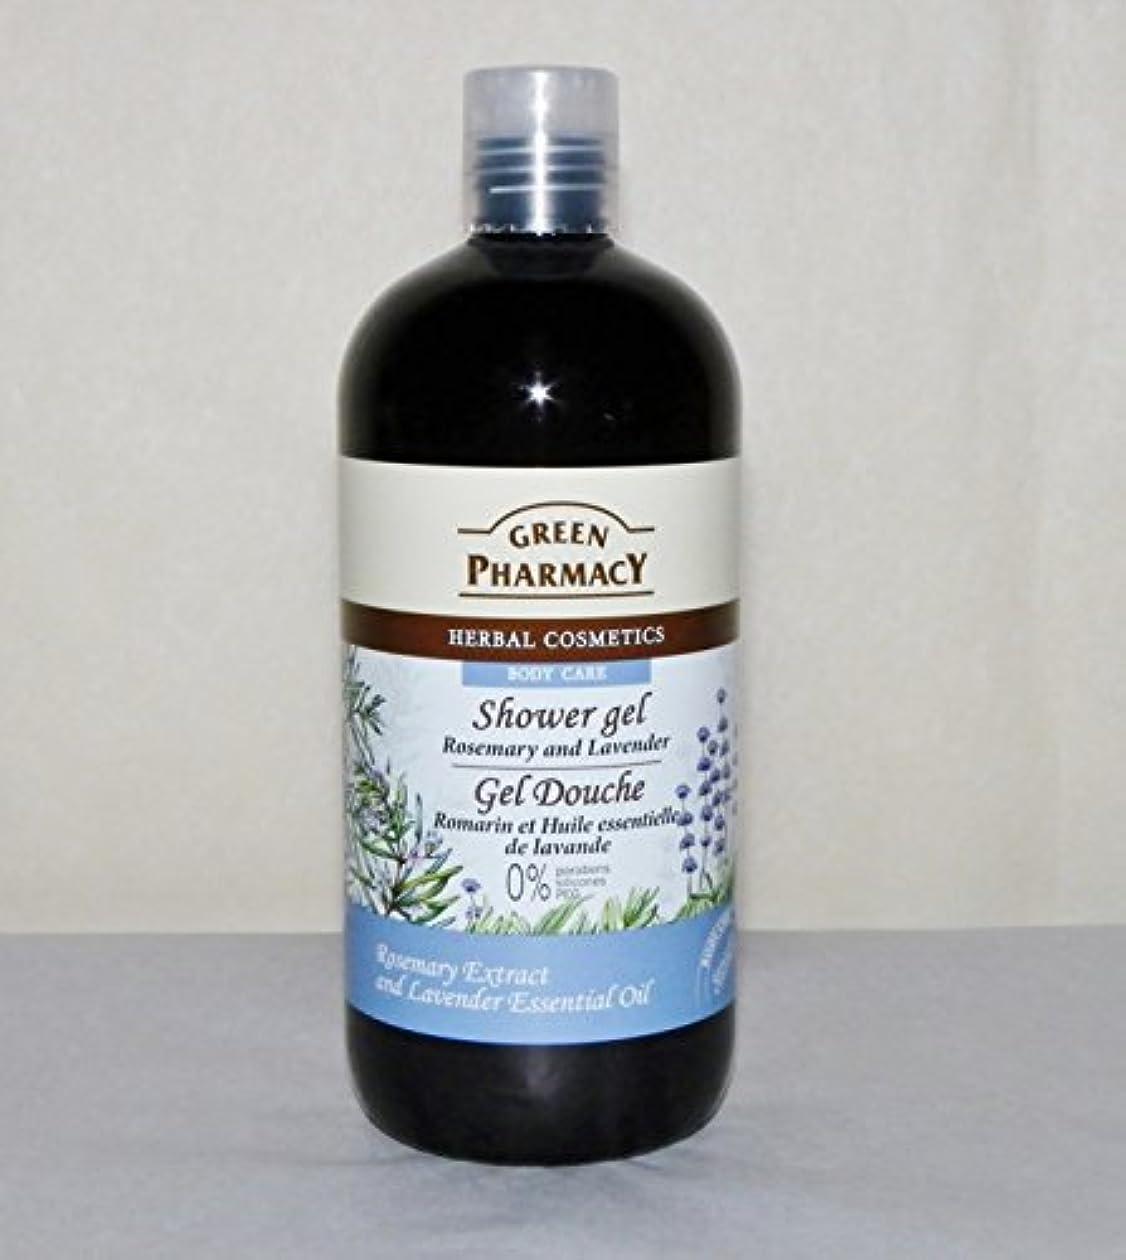 共産主義者そこからちょっと待ってElfa Pharm Green Pharmacy グリーンファーマシー Shower Gel シャワージェル Rosemary&Lavender